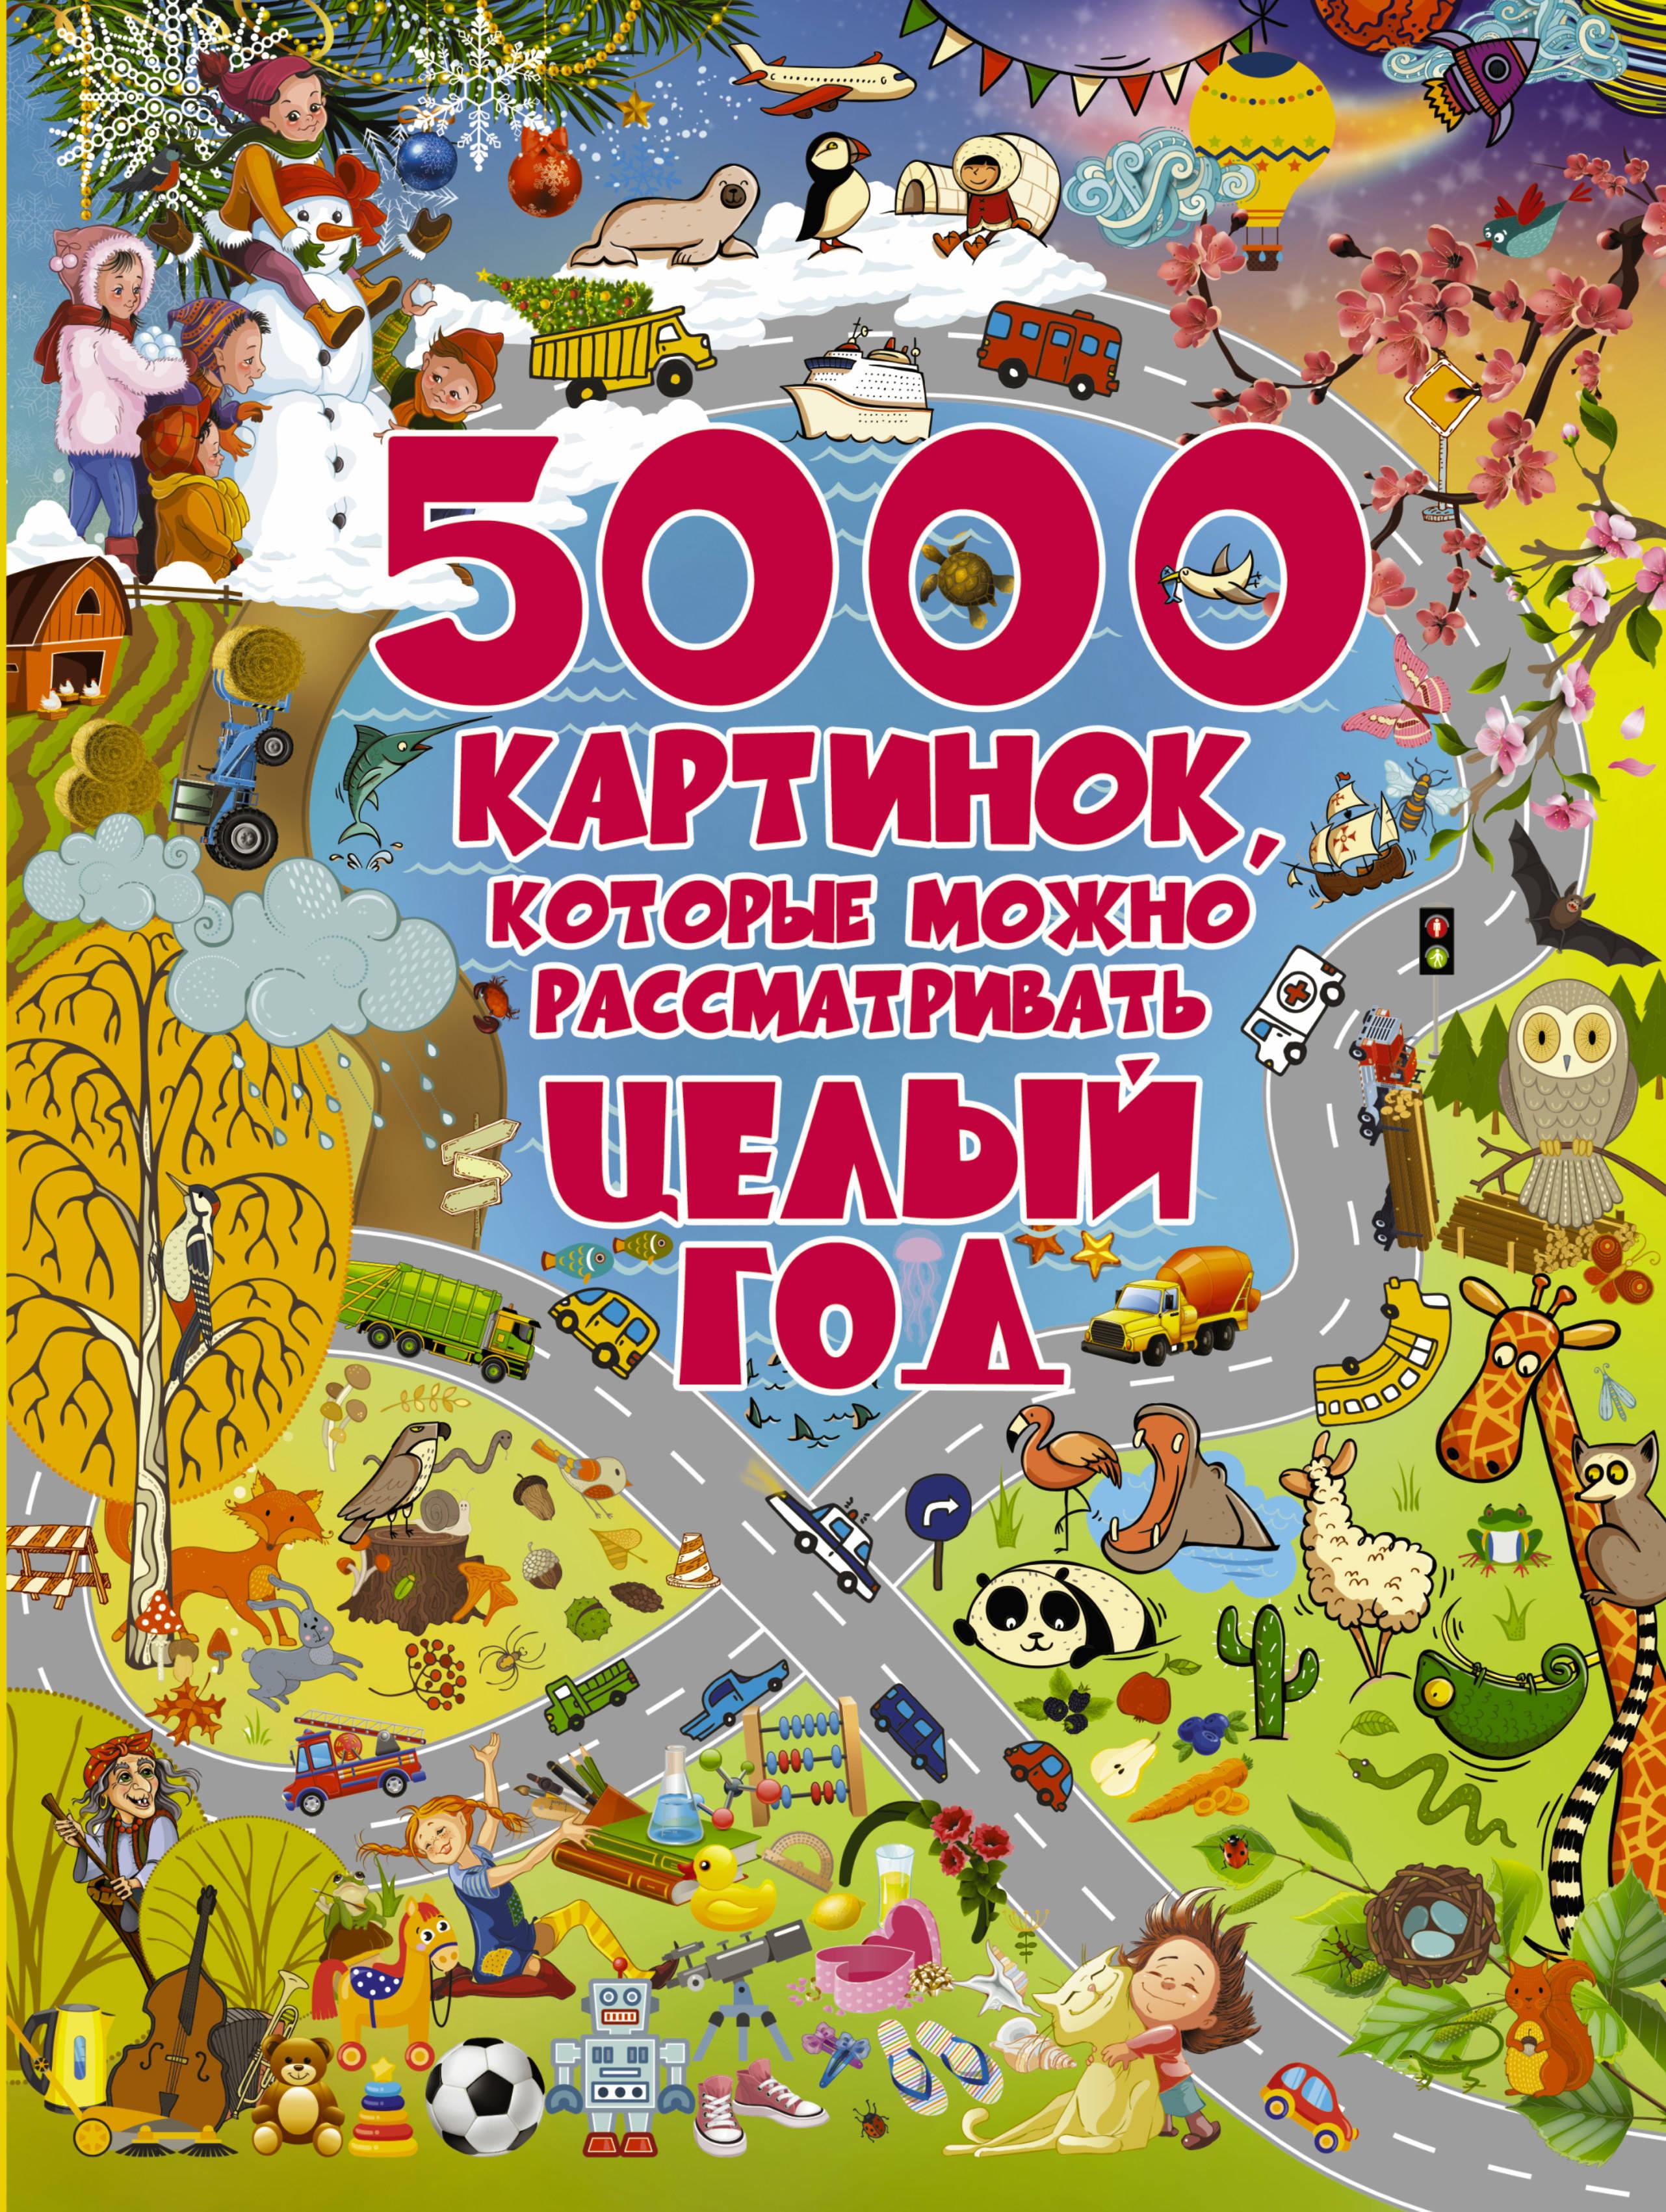 И. Г. Барановская,Л. В. Доманская 5000 картинок, которые можно рассматривать целый год